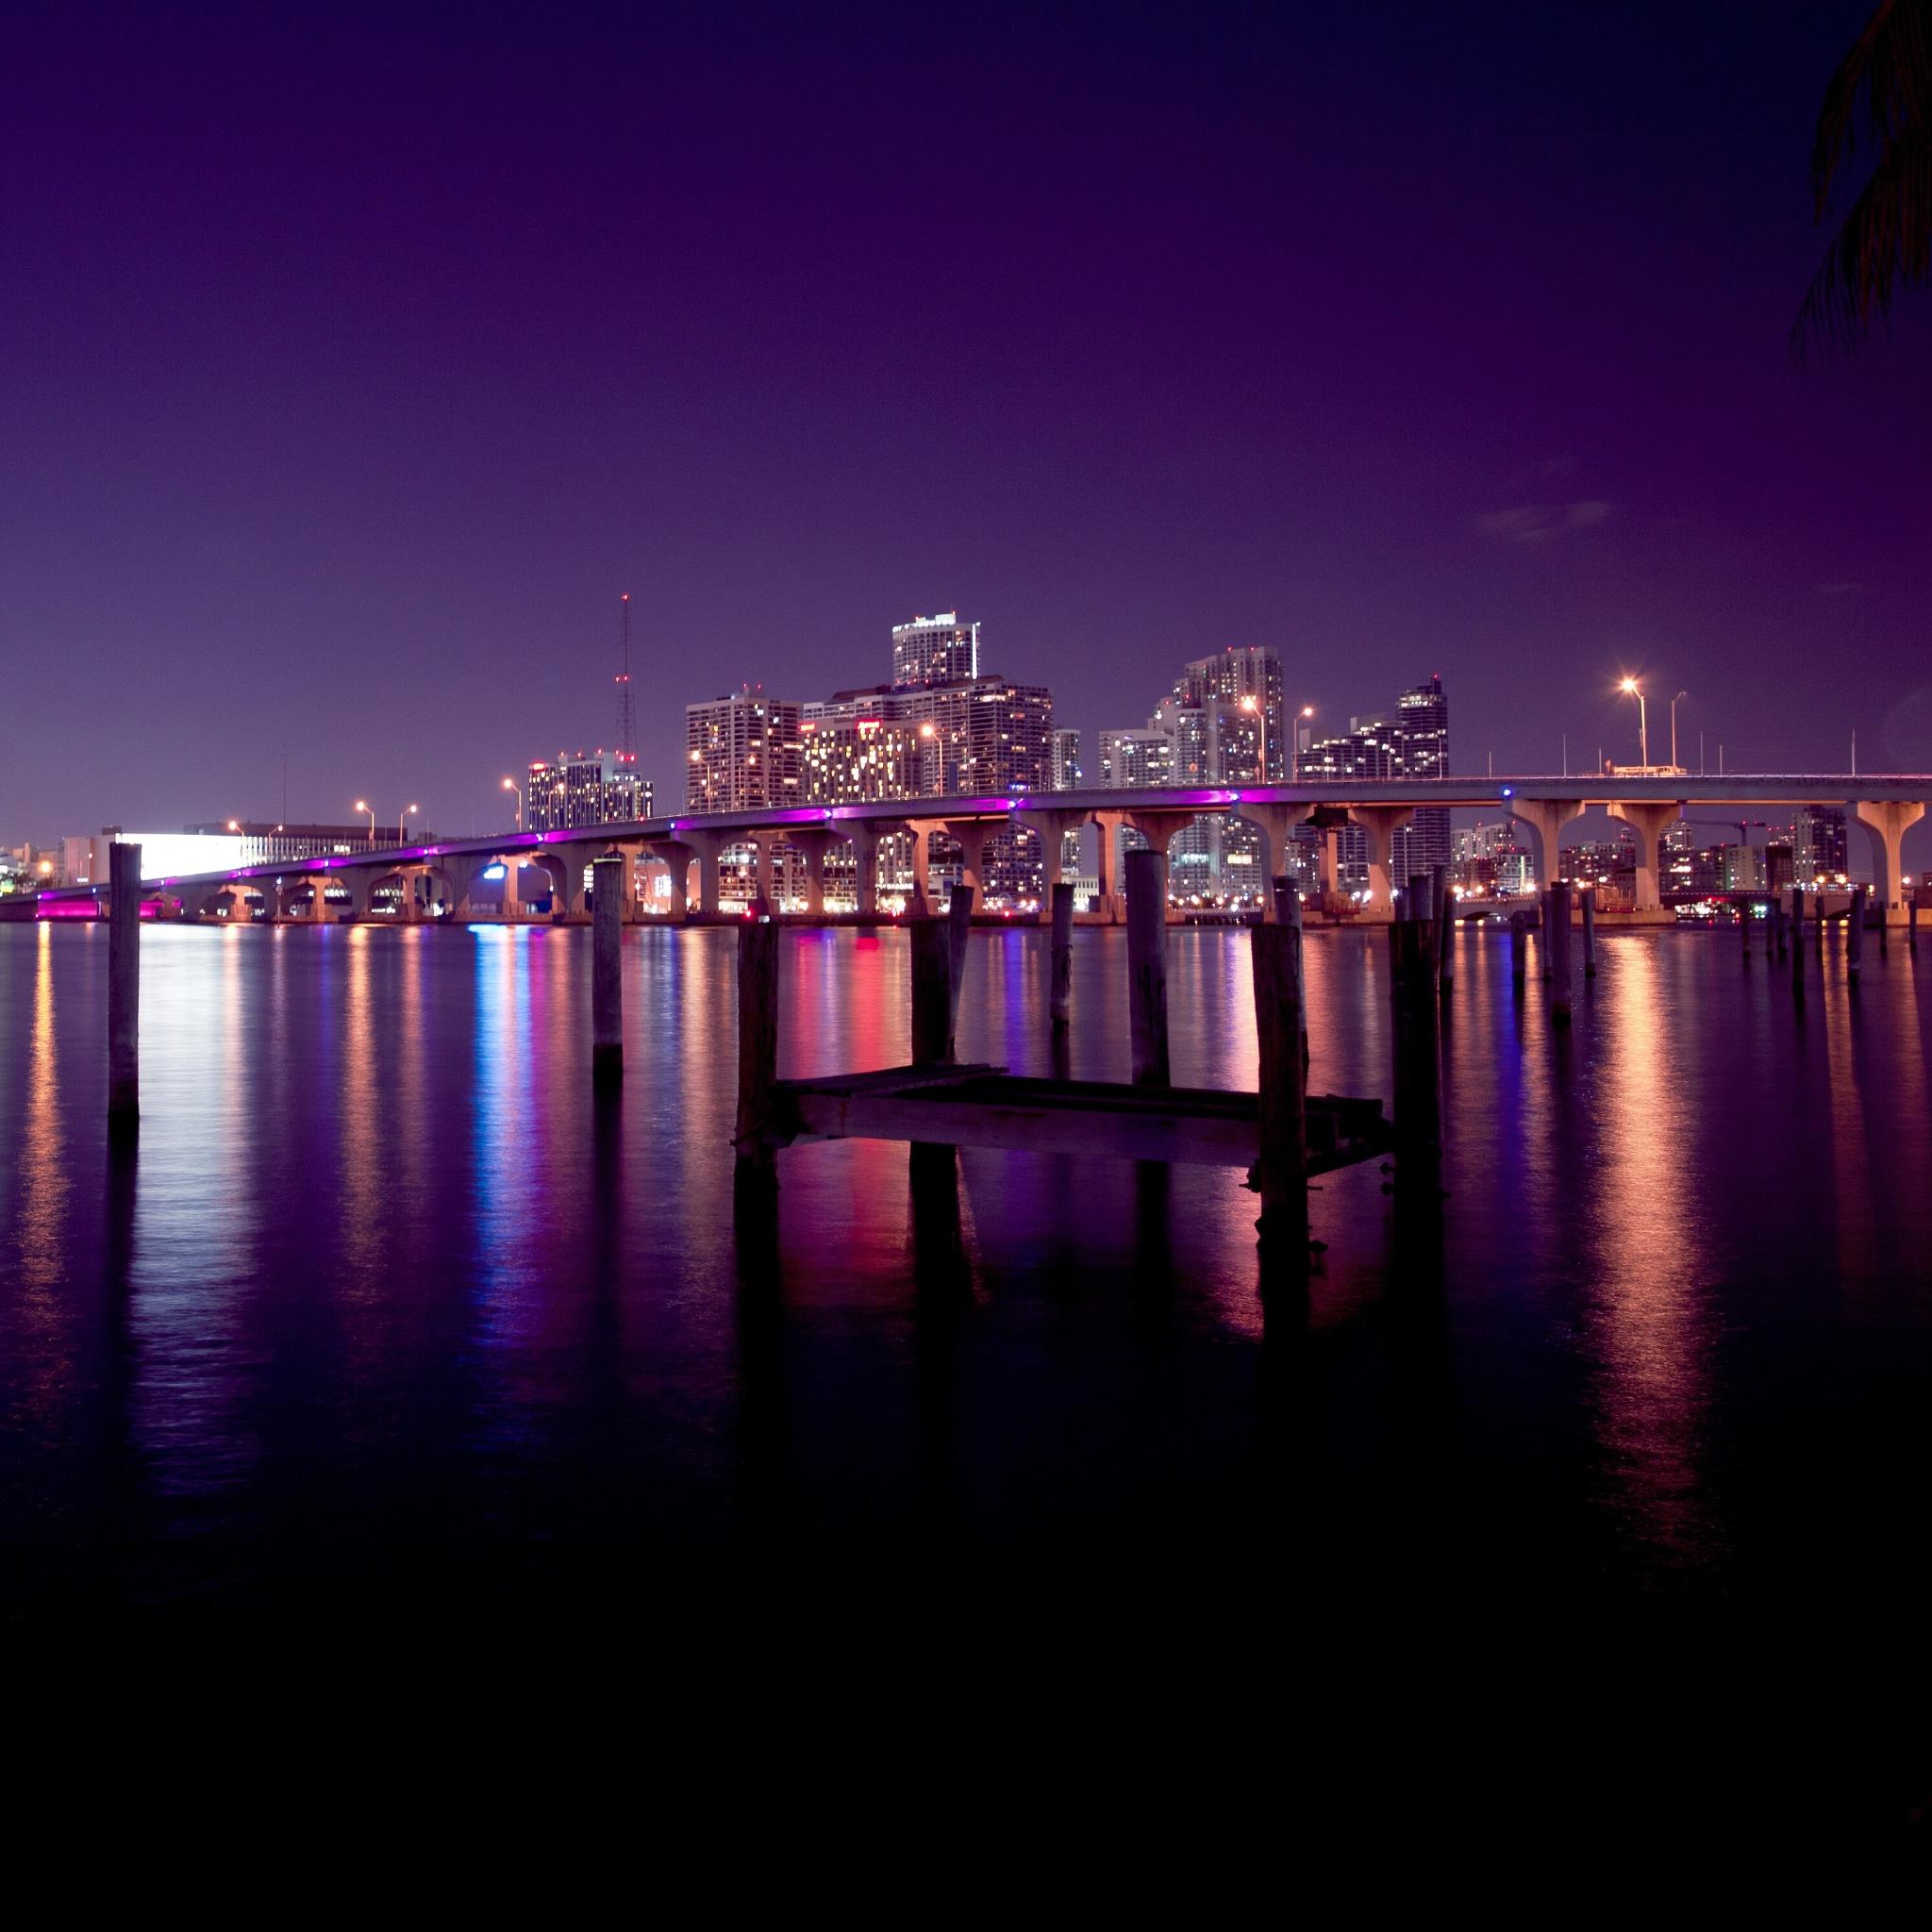 Hd Wallpapers Miami Skyline At Night 2560 X 1600 1539 Kb Jpeg HD 2048x2048